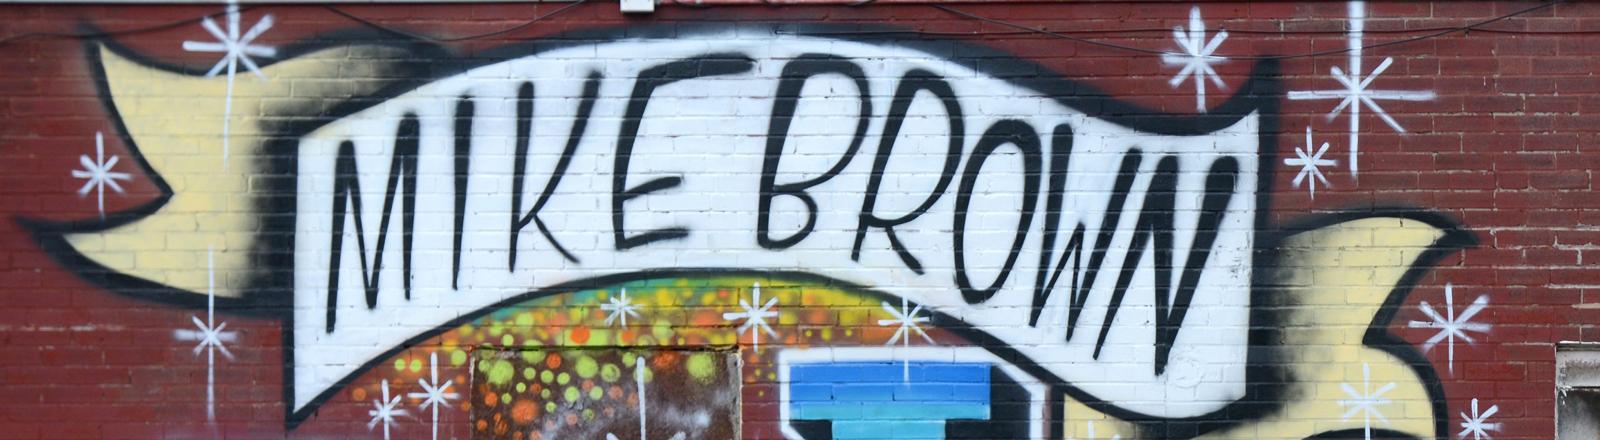 Ein Graffiti mit Mike Brown und den Buchstaben R. I. P.